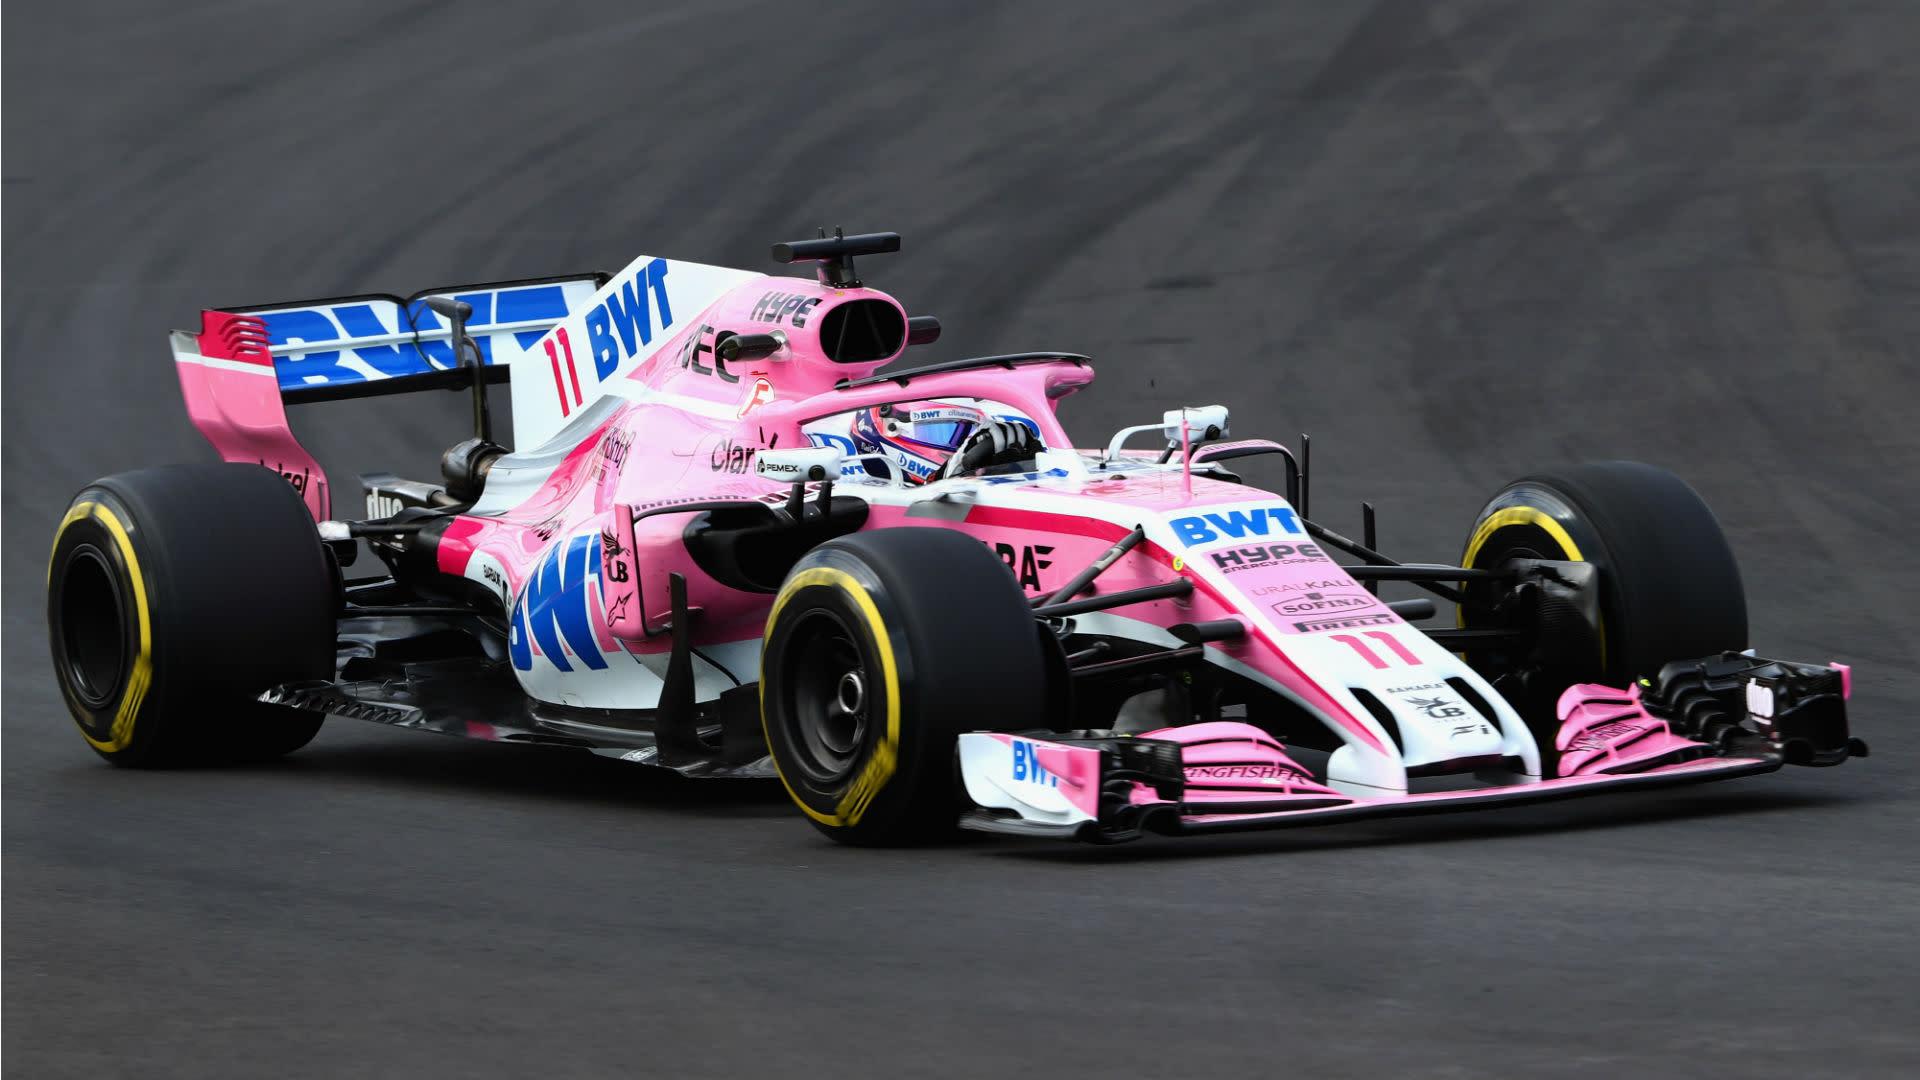 Αποτέλεσμα εικόνας για FORMULA 1 Force India 2018